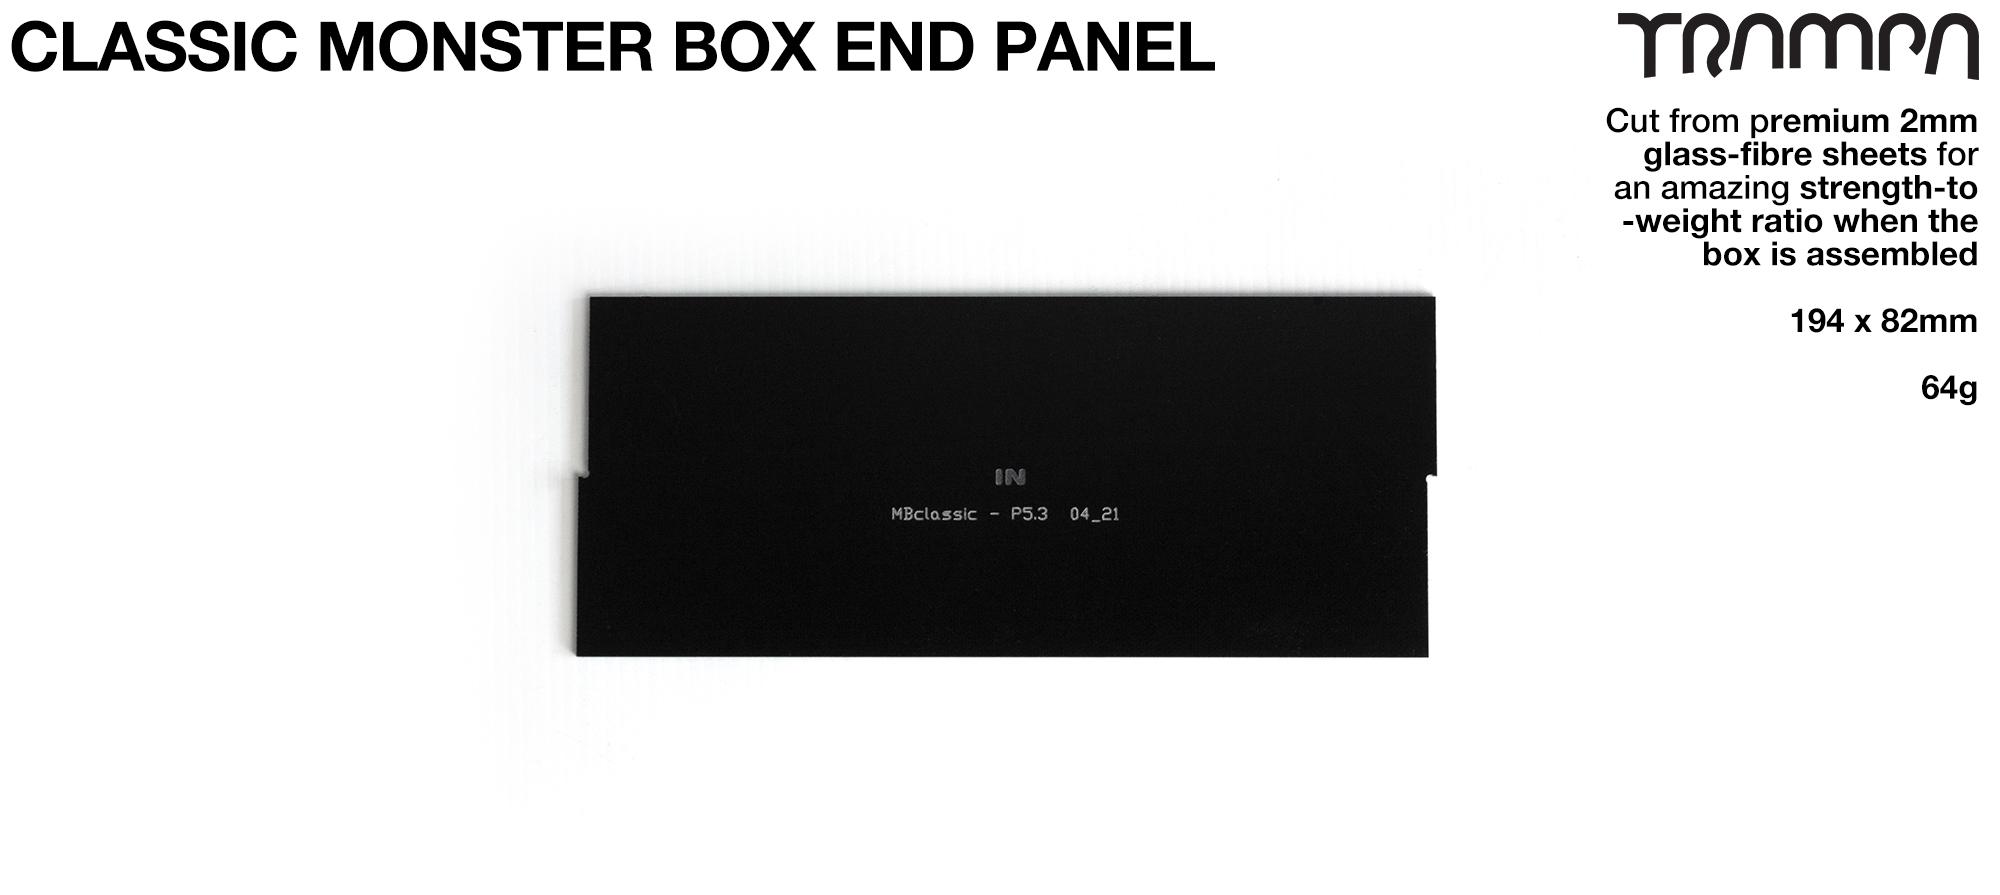 CLASSIC Monster Box MkIV 1x NO VESC Panel